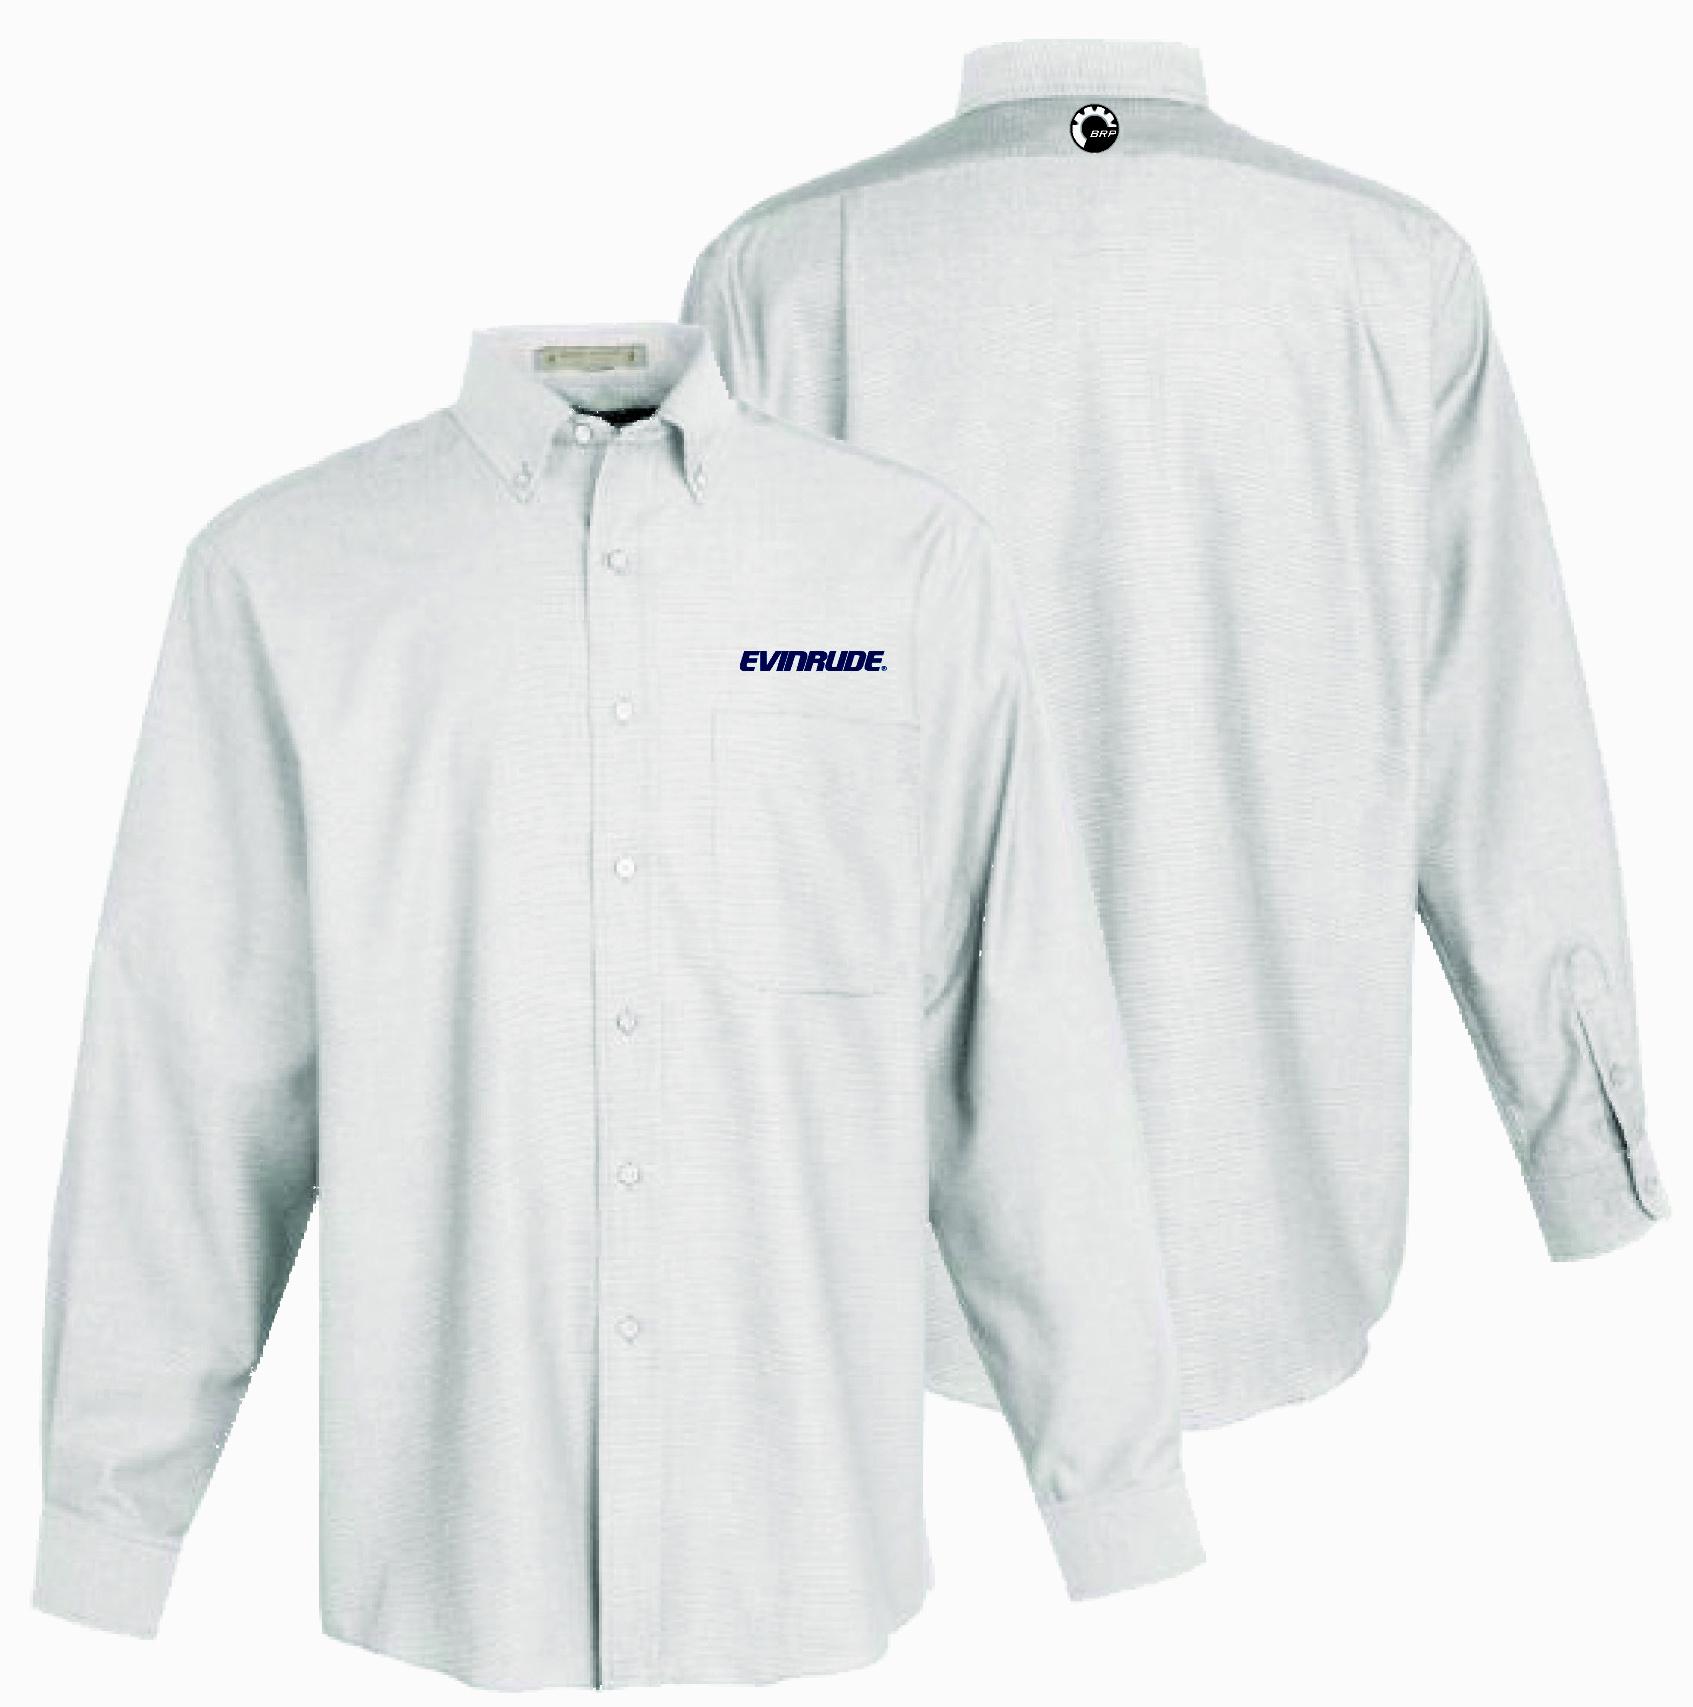 Evinrude Men 39 S White Oxford Shirt Shirts